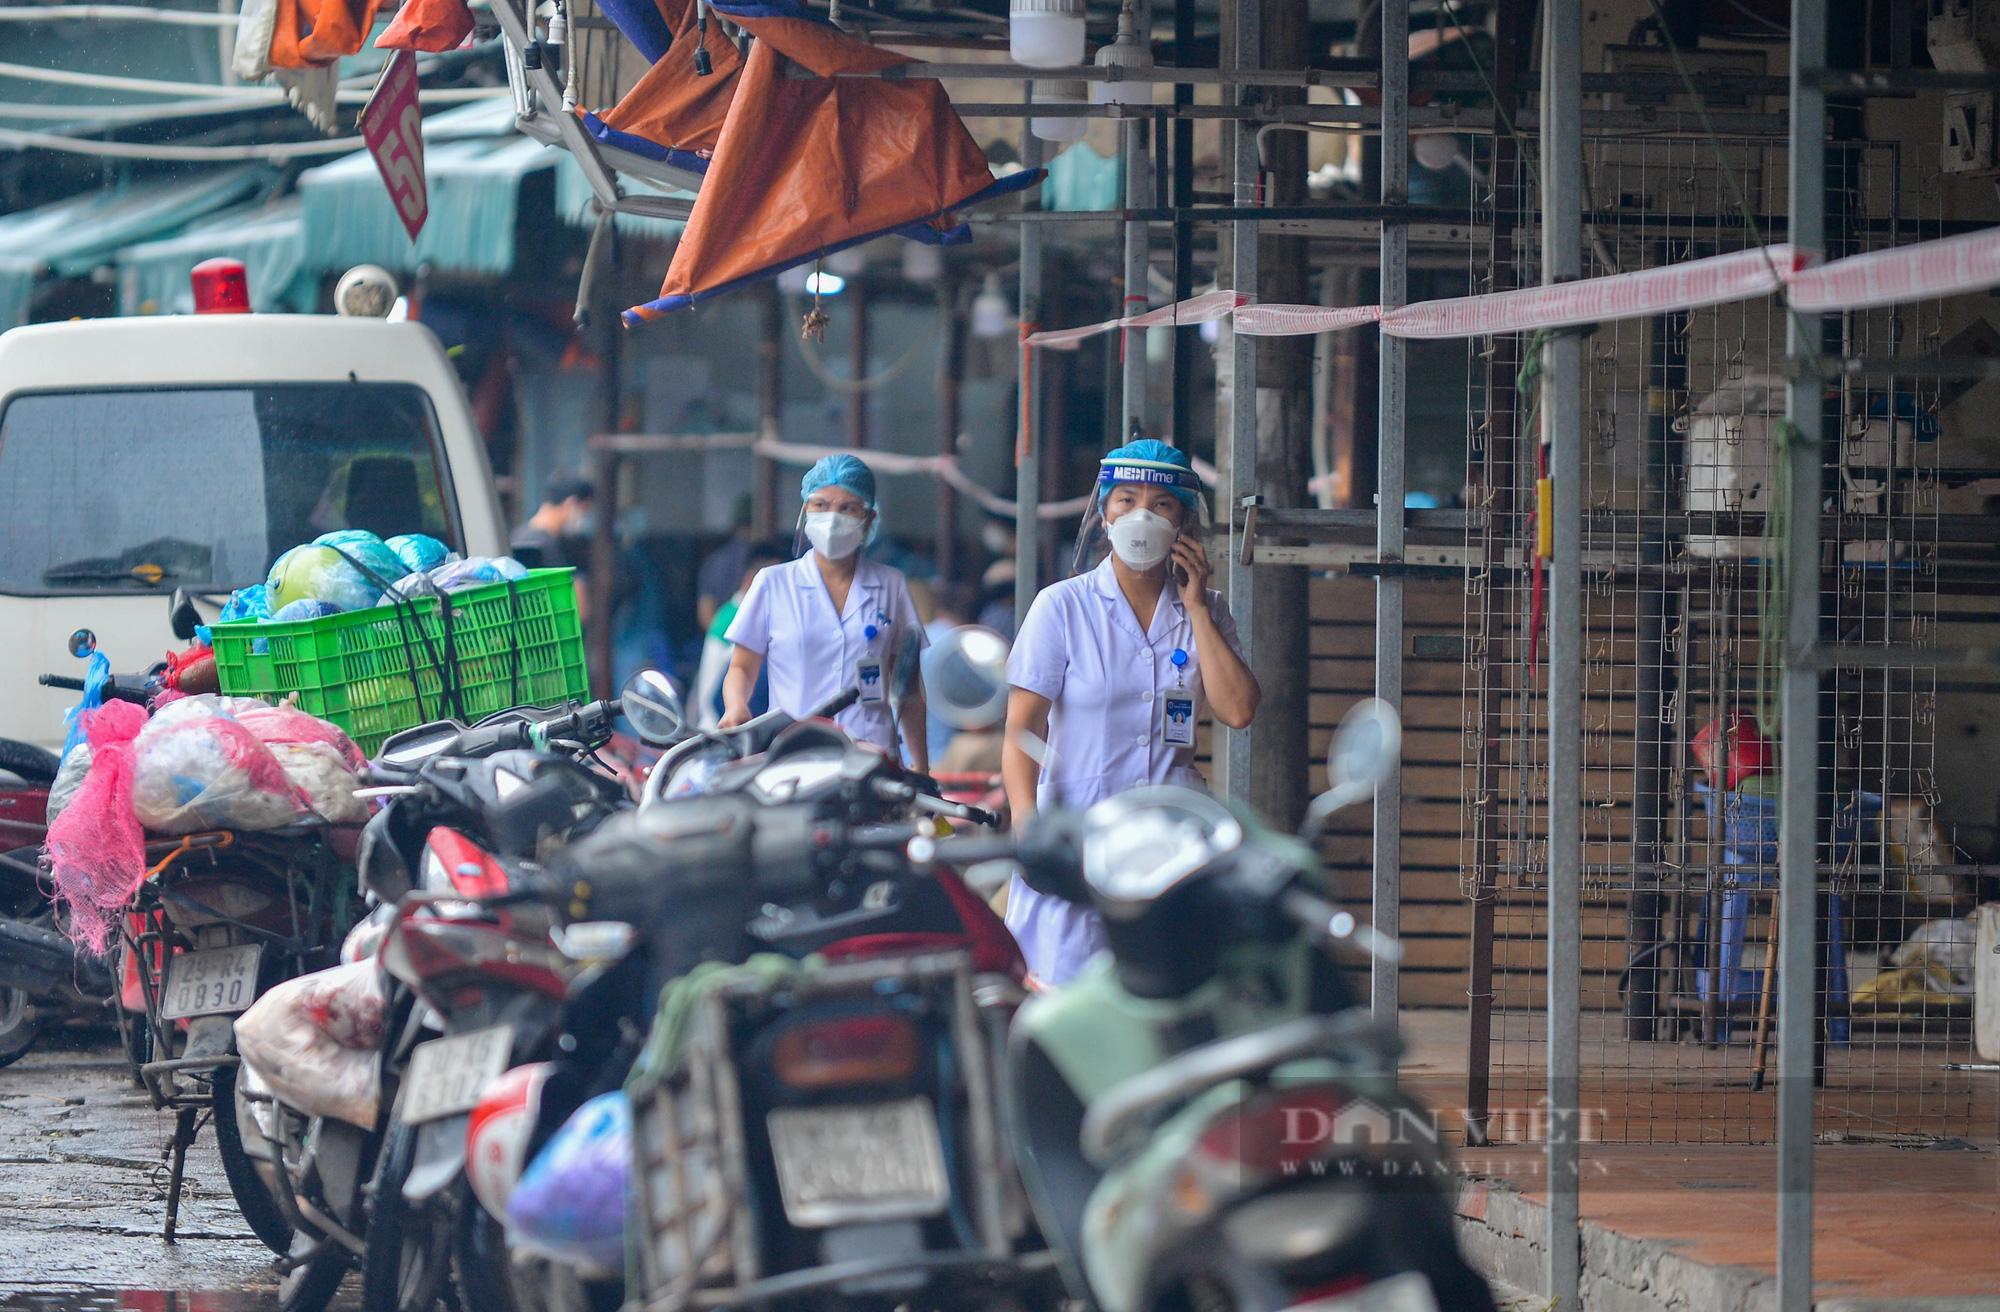 Lấy mẫu xét nghiệm hàng trăm tiểu thương tiểu thương tại chợ Phùng Khoang - Ảnh 11.